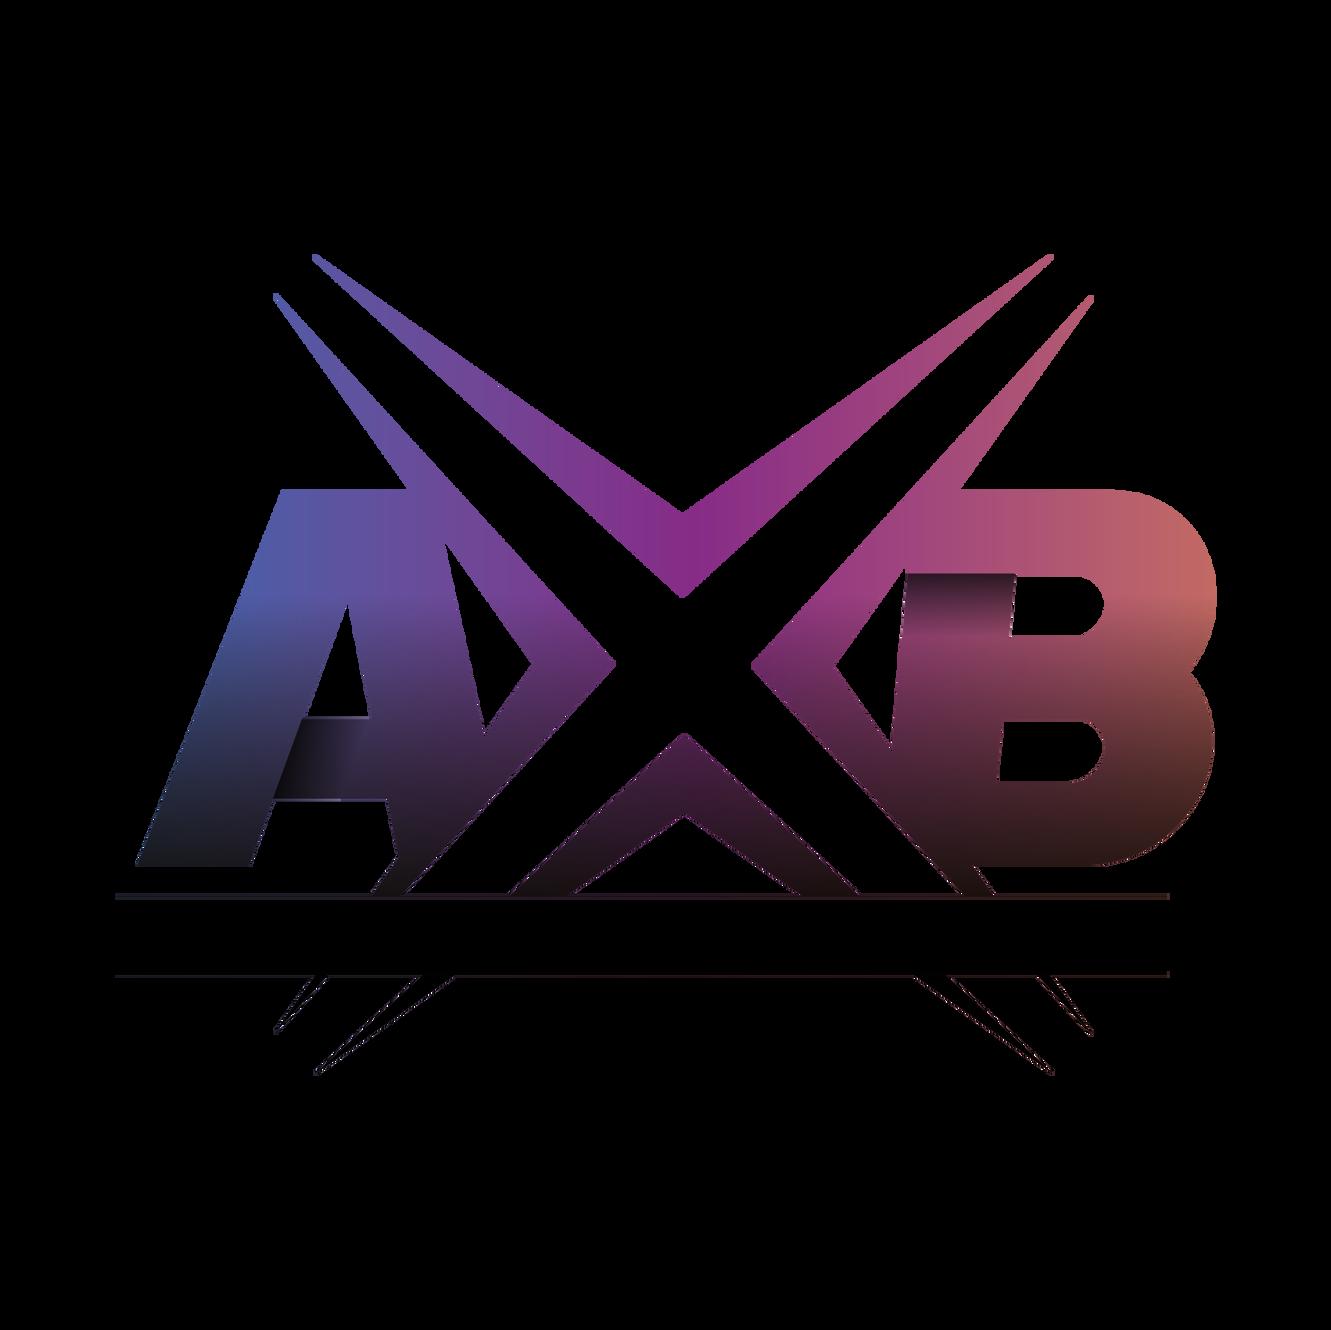 AXB Crossfit